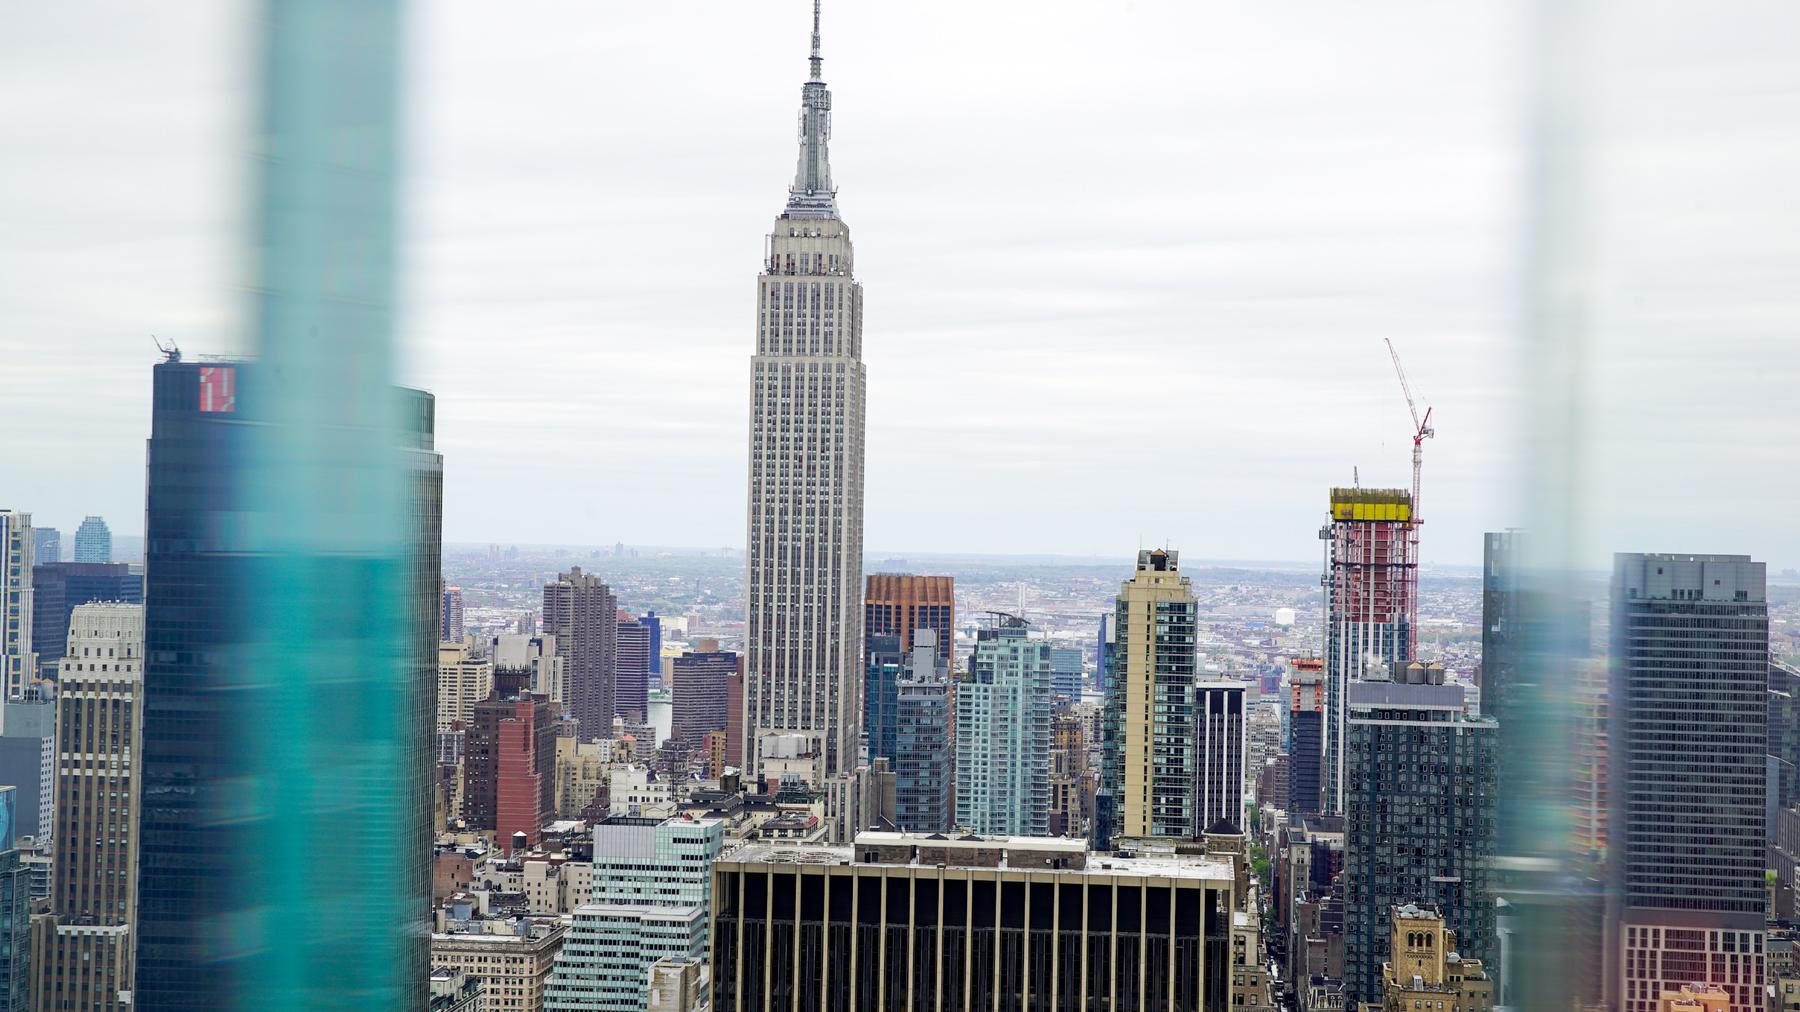 Giganten der Geschichte - Das Empire State Building